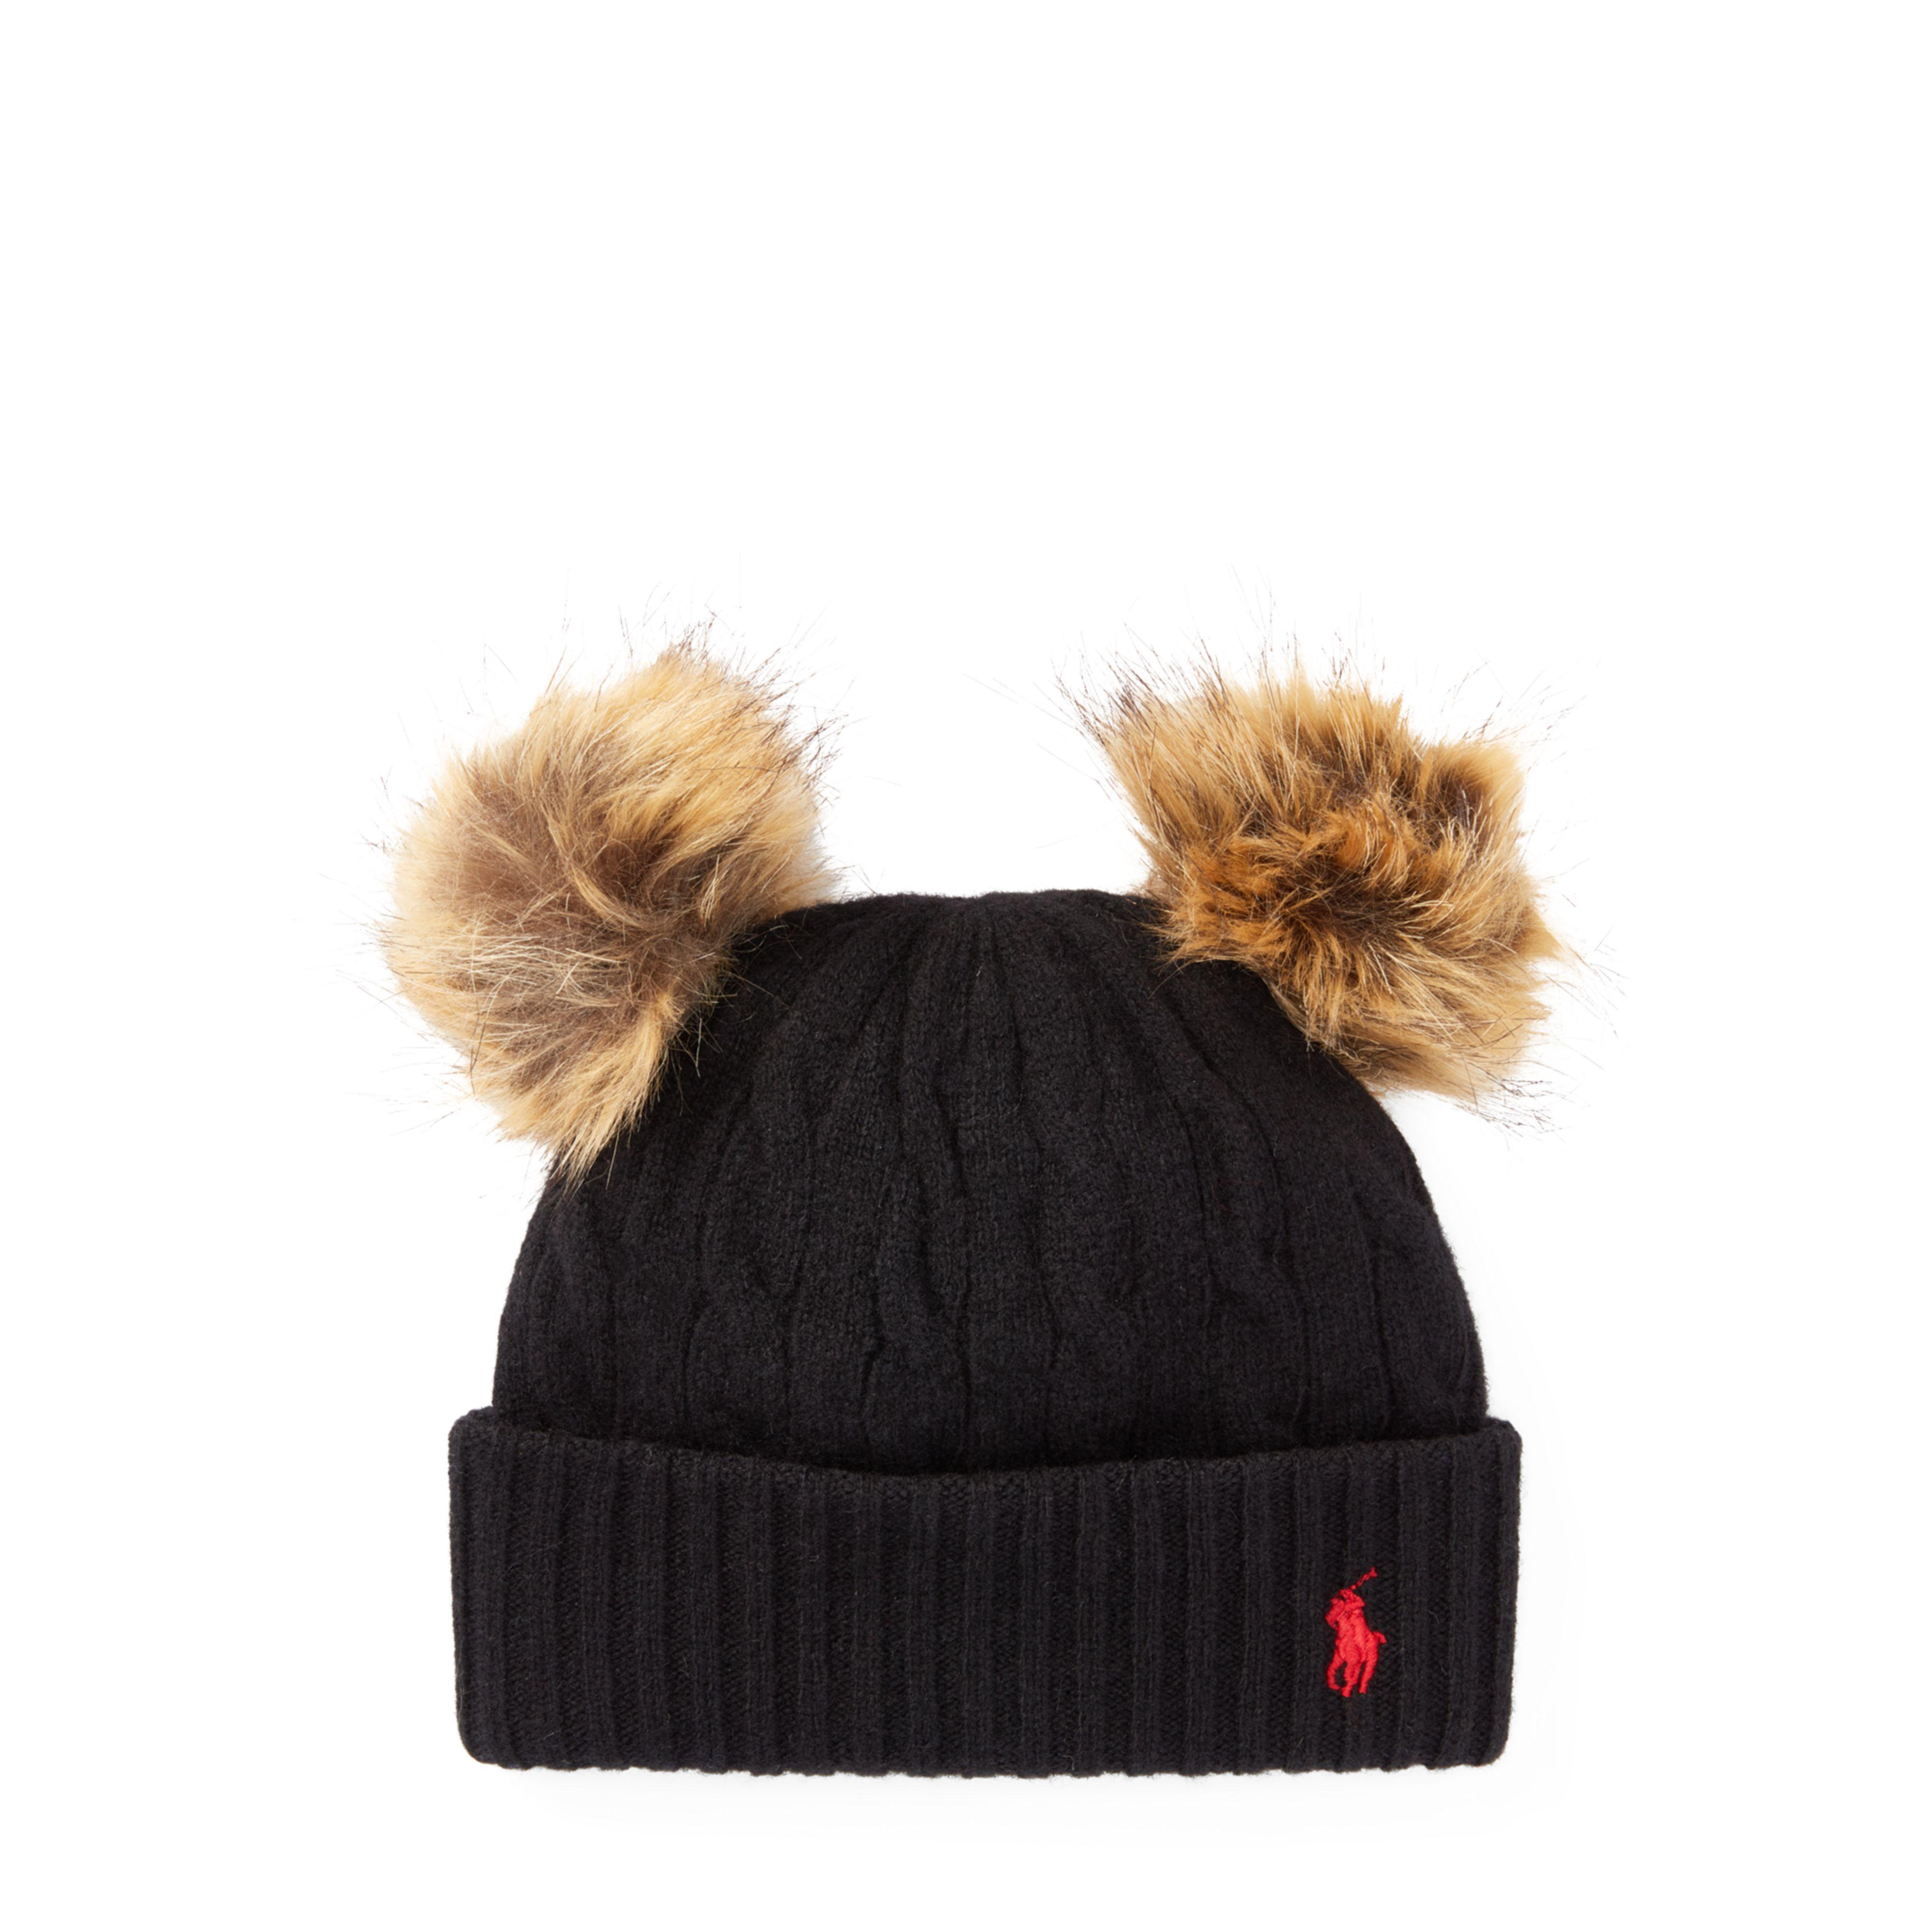 16b05c56181 Lyst - Polo Ralph Lauren Double-pom-pom Wool Hat